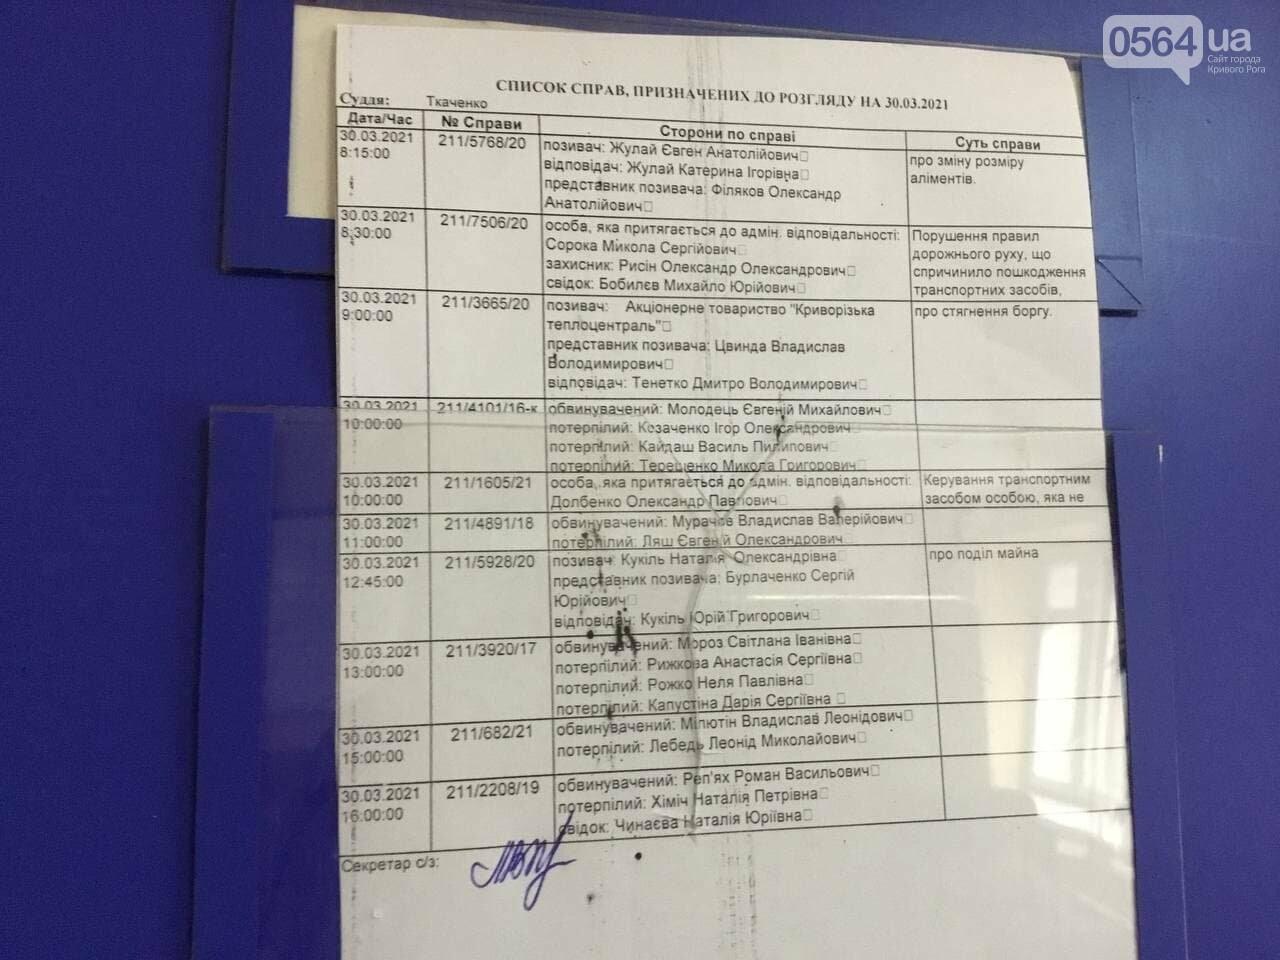 В суде по делу о конфликте между криворожским активистом и муниципальным гвардейцем допросили одного из свидетелей, - ФОТО, ВИДЕО, фото-15